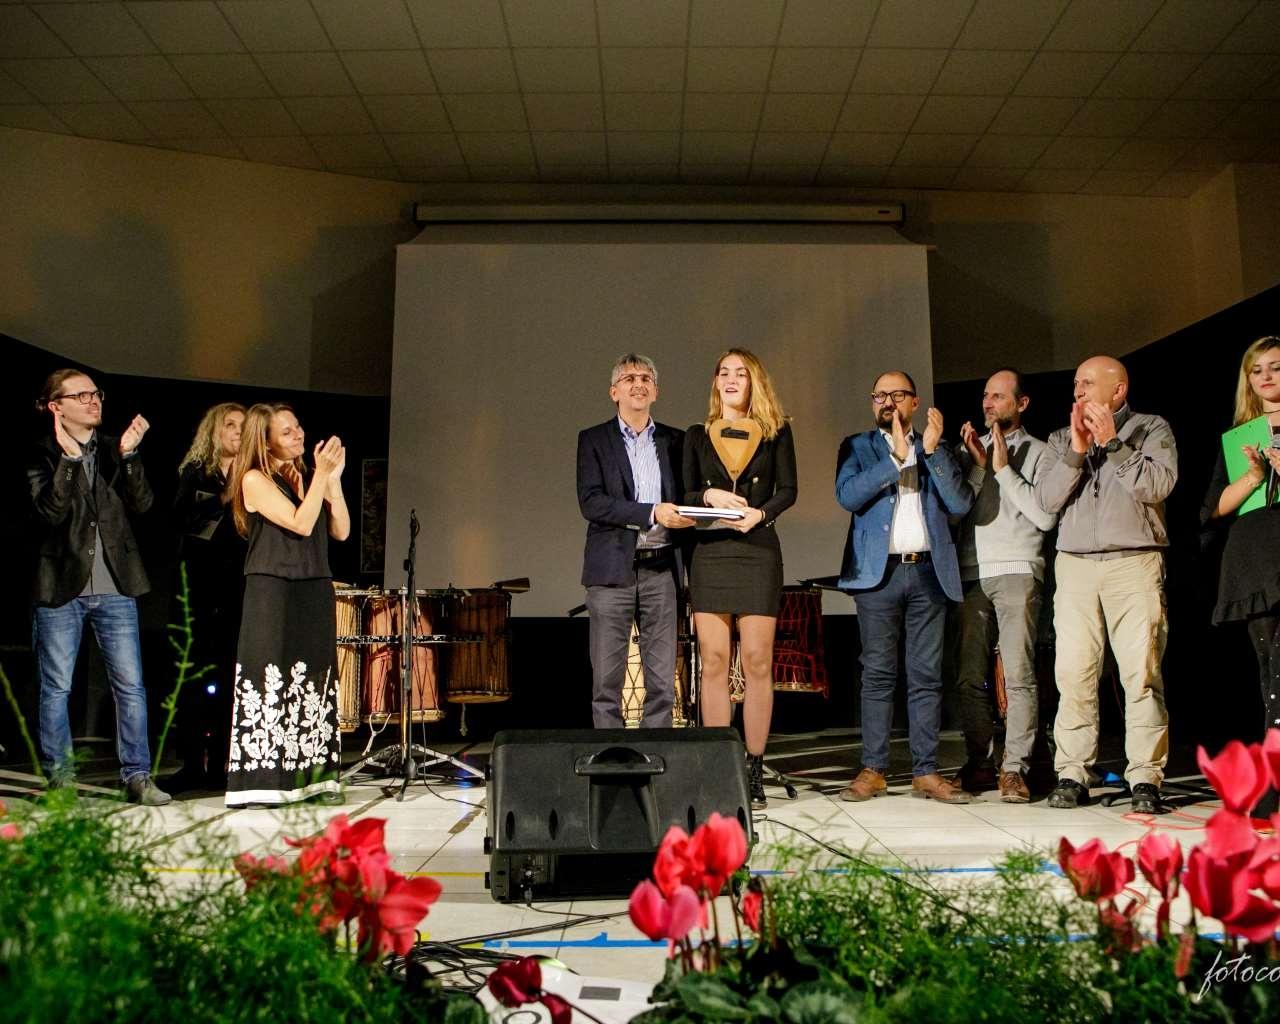 SANREMO-VIDEOCLIP-AWARD_MADRISIO-25OTTOBRE2019_051